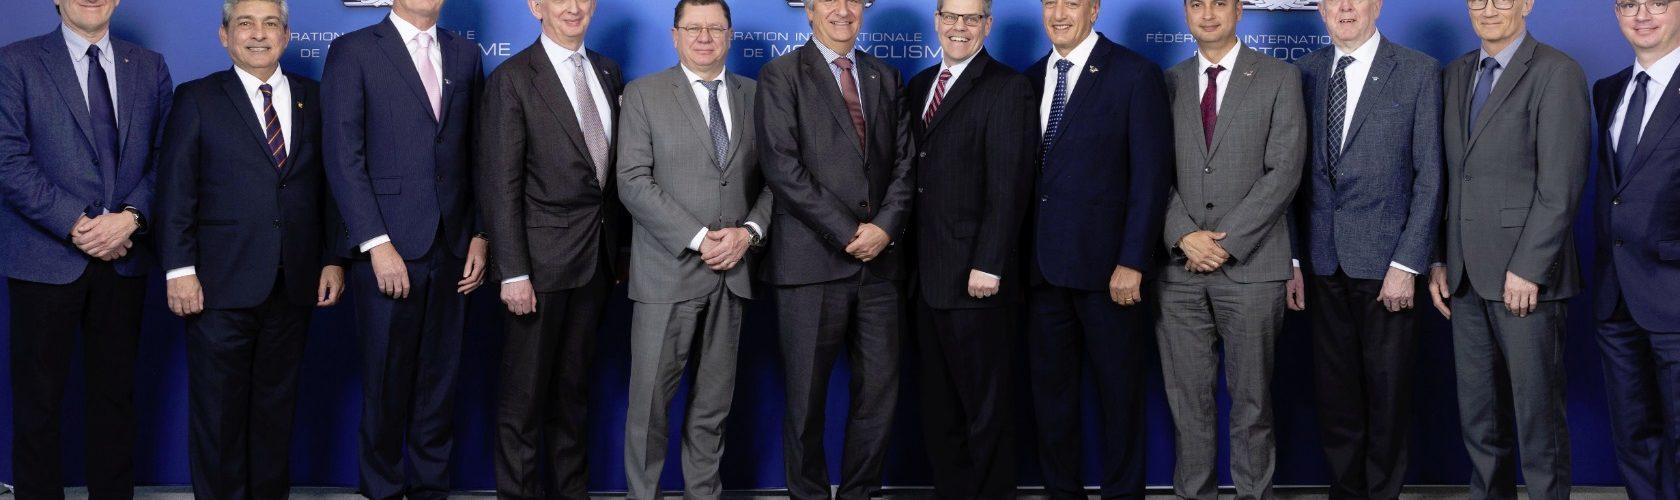 Junta Directiva de la FIM Entra en una Nueva Era